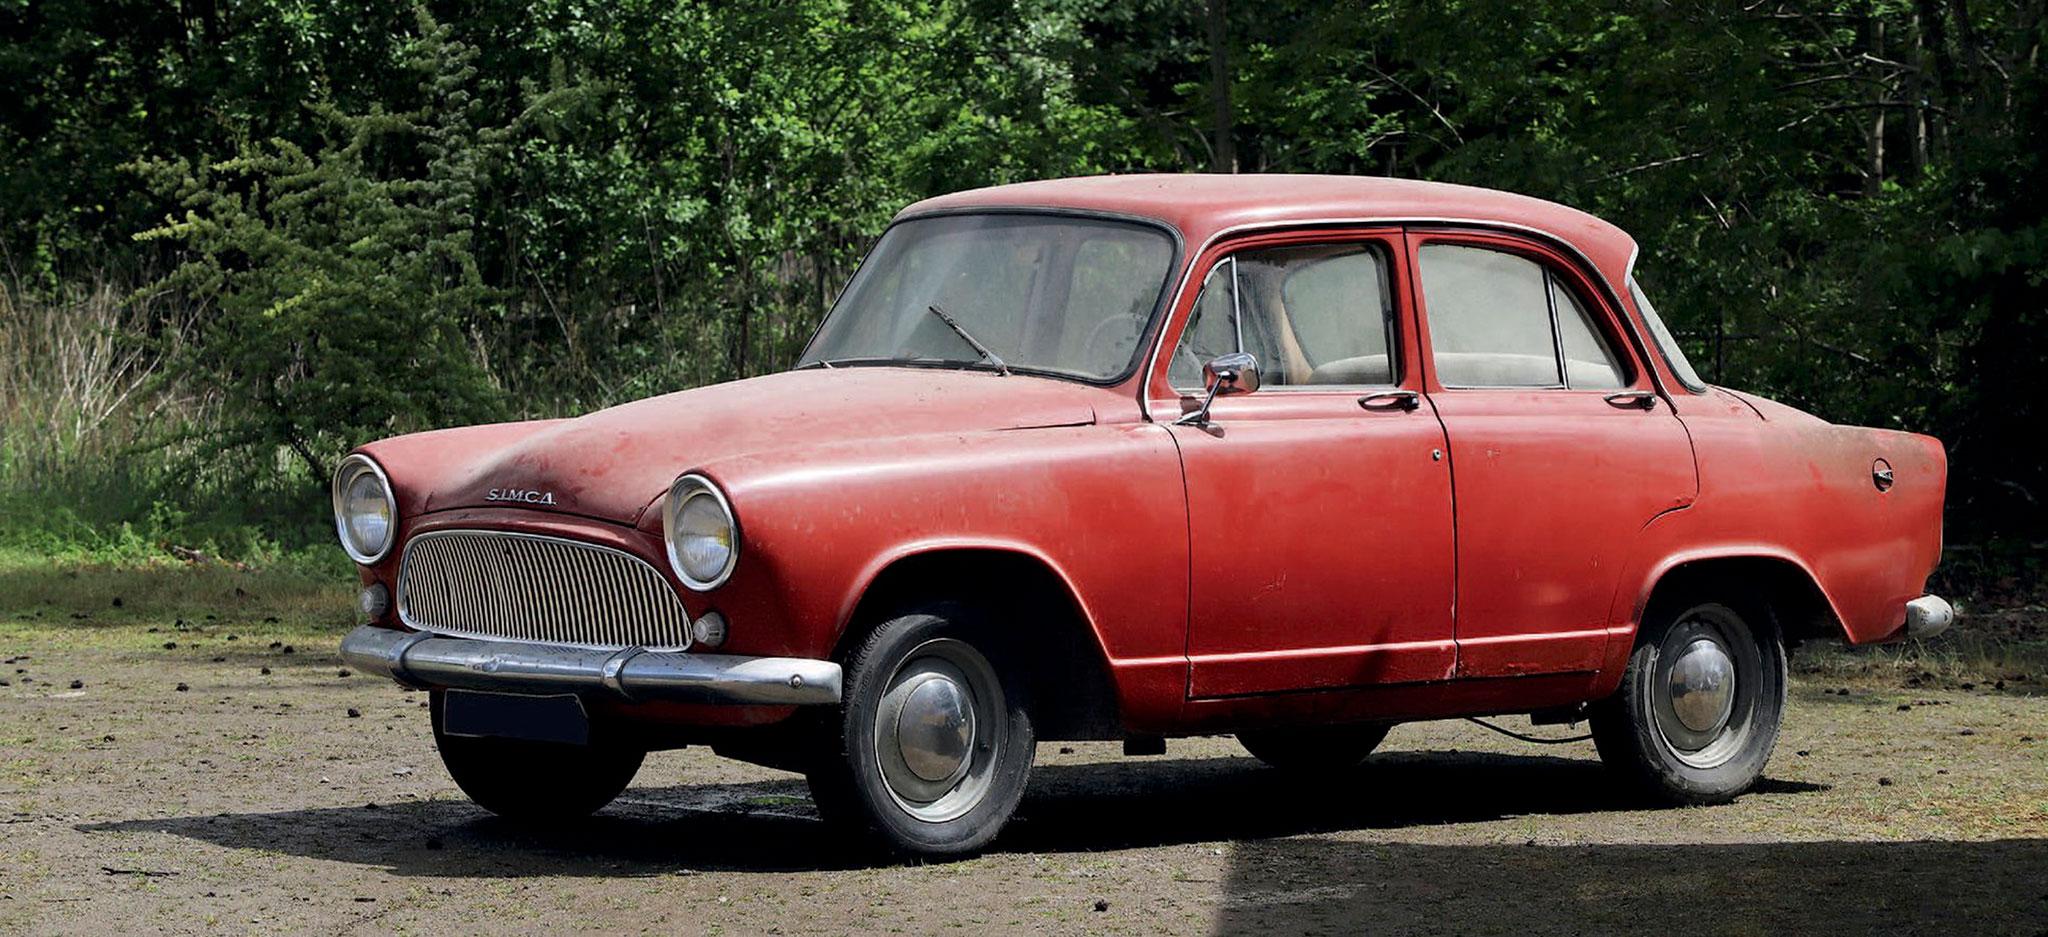 1962 Simca Aronde P60 Étoile €1200 - 1800 - Populaires Françaises.